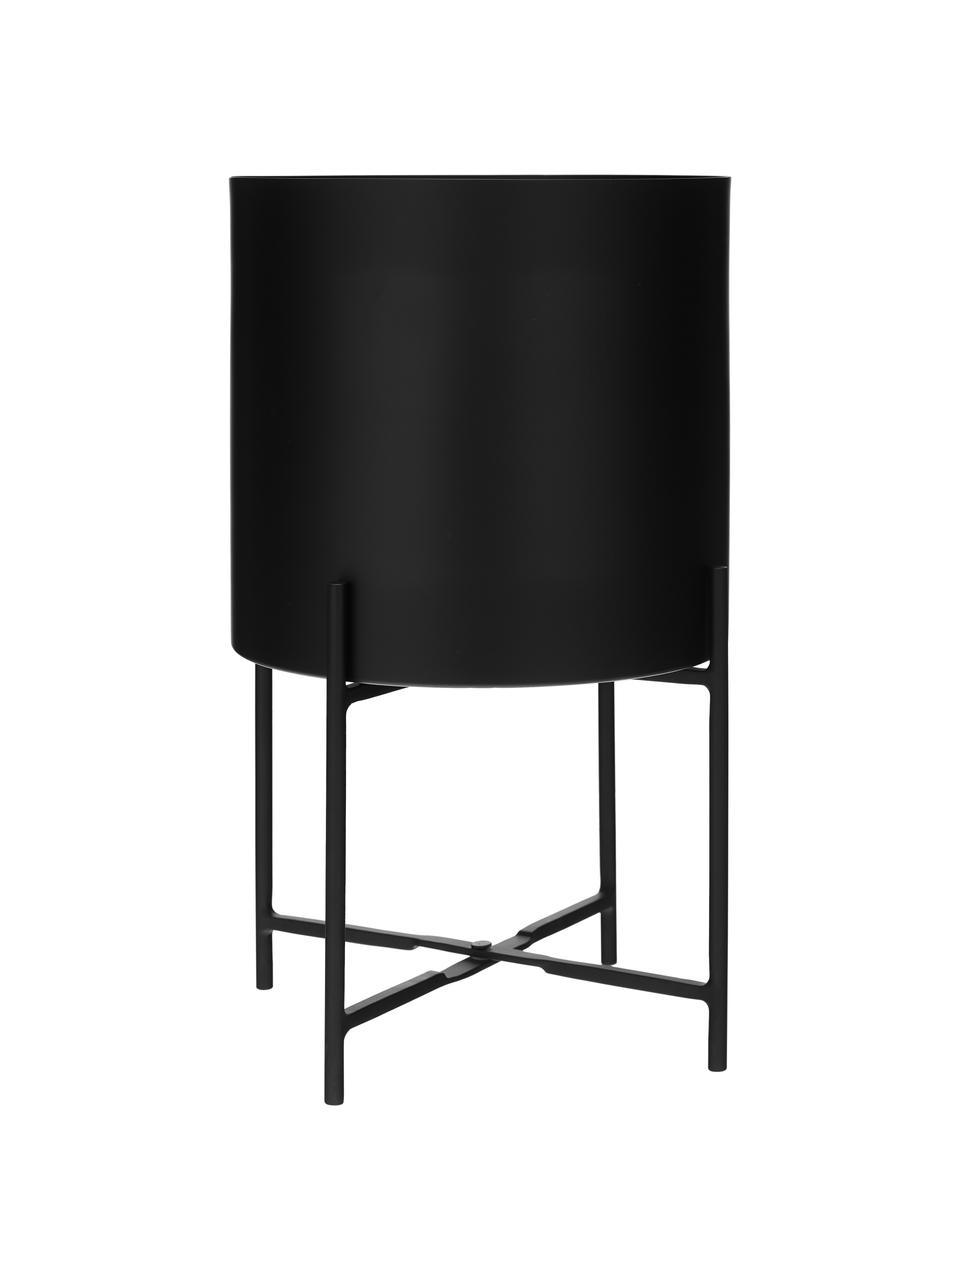 Übertopf-Set Mina aus Metall, 2-tlg., Metall, pulverbeschichtet, Schwarz, matt, Sondergrößen